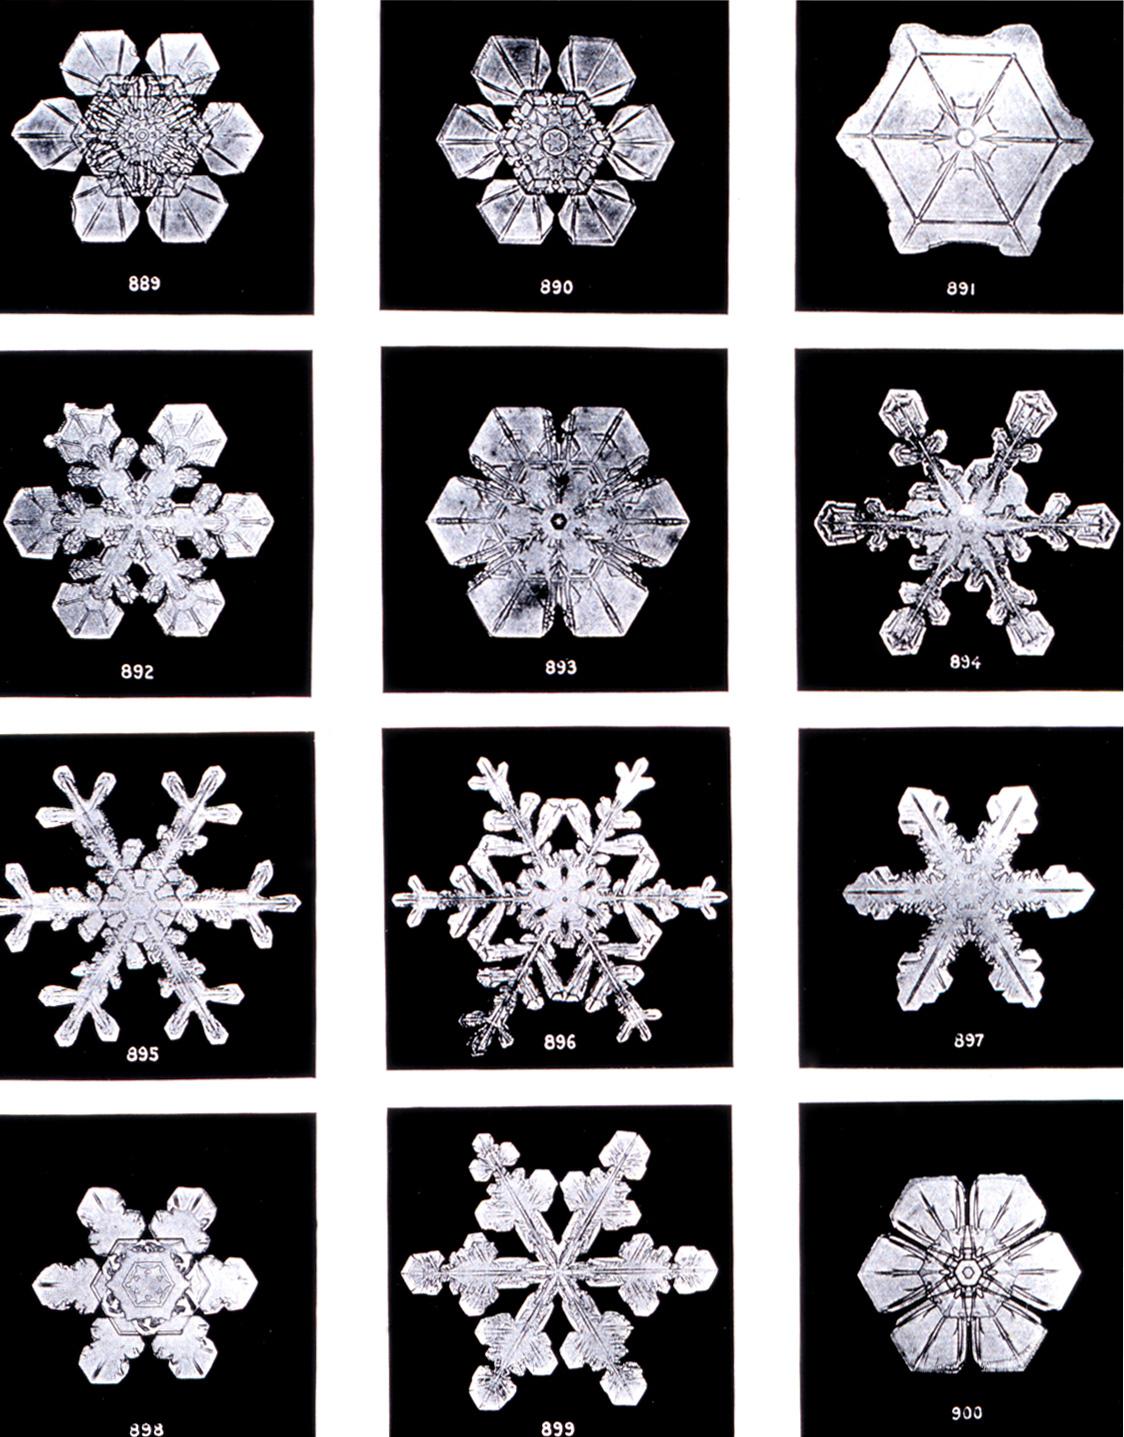 The Snowflakes of Wilson Bentley, Jericho, Vermont.